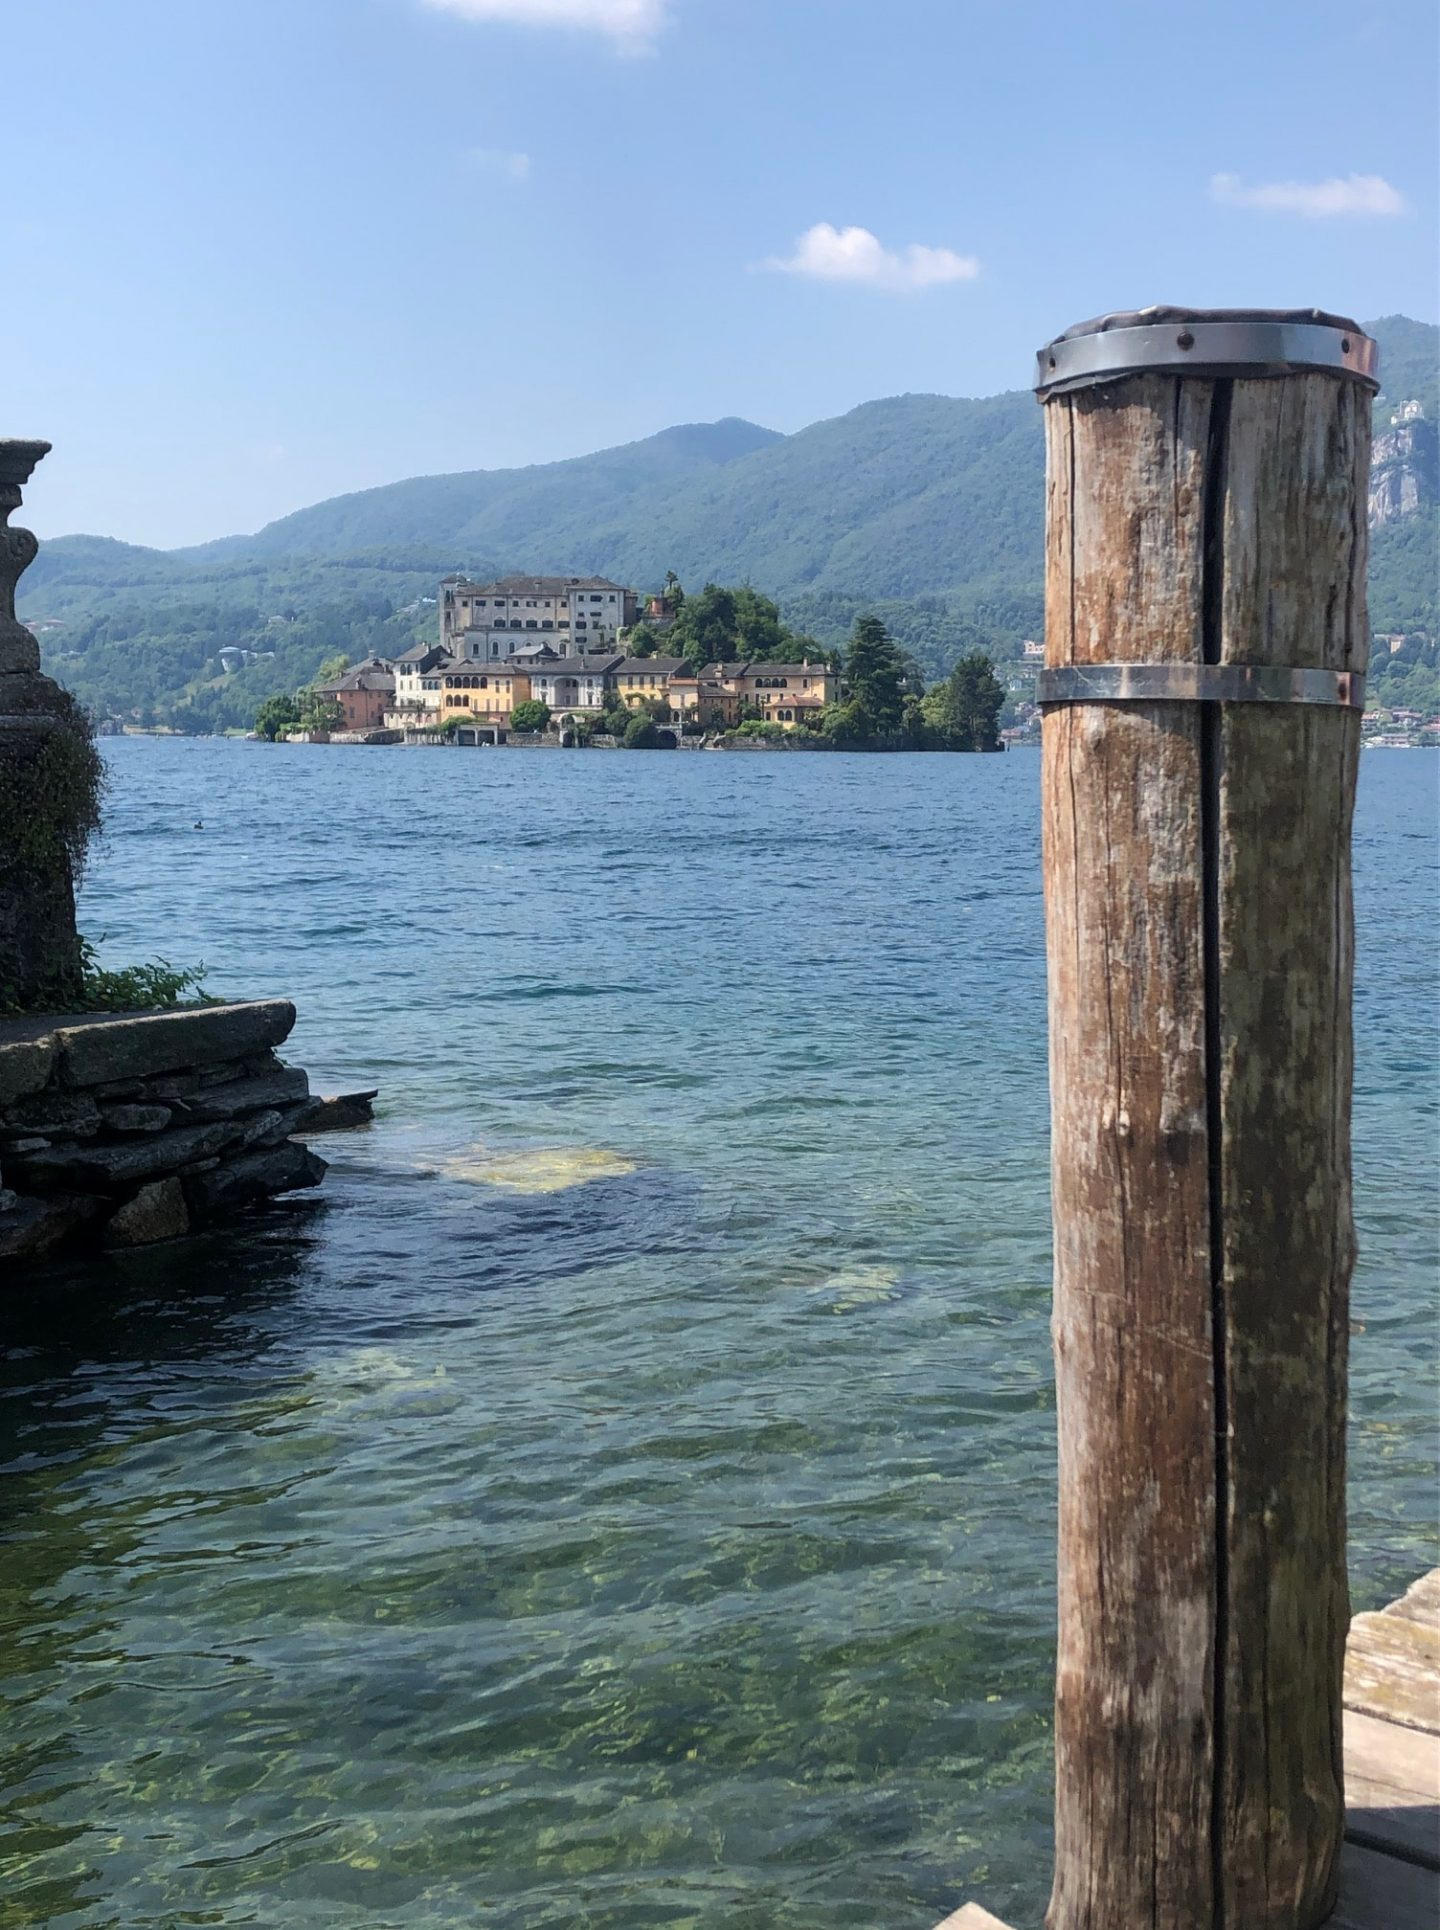 L'Isola di San Giulio vista dalle rive di Orta San Giulio